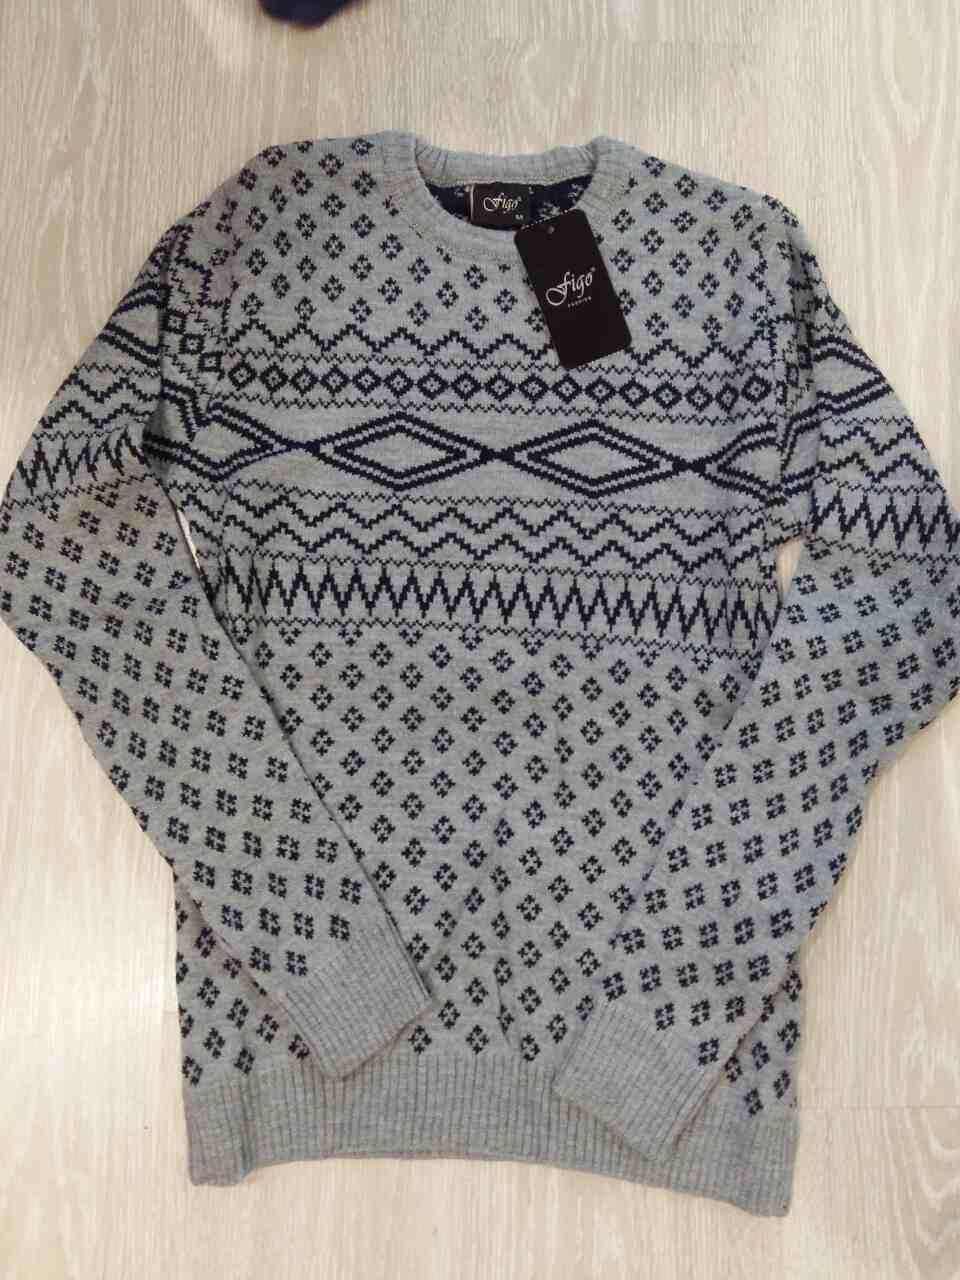 Шерстяной свитер с круглым вырезом, стильный узор, Турция С,М,Л,ХЛ